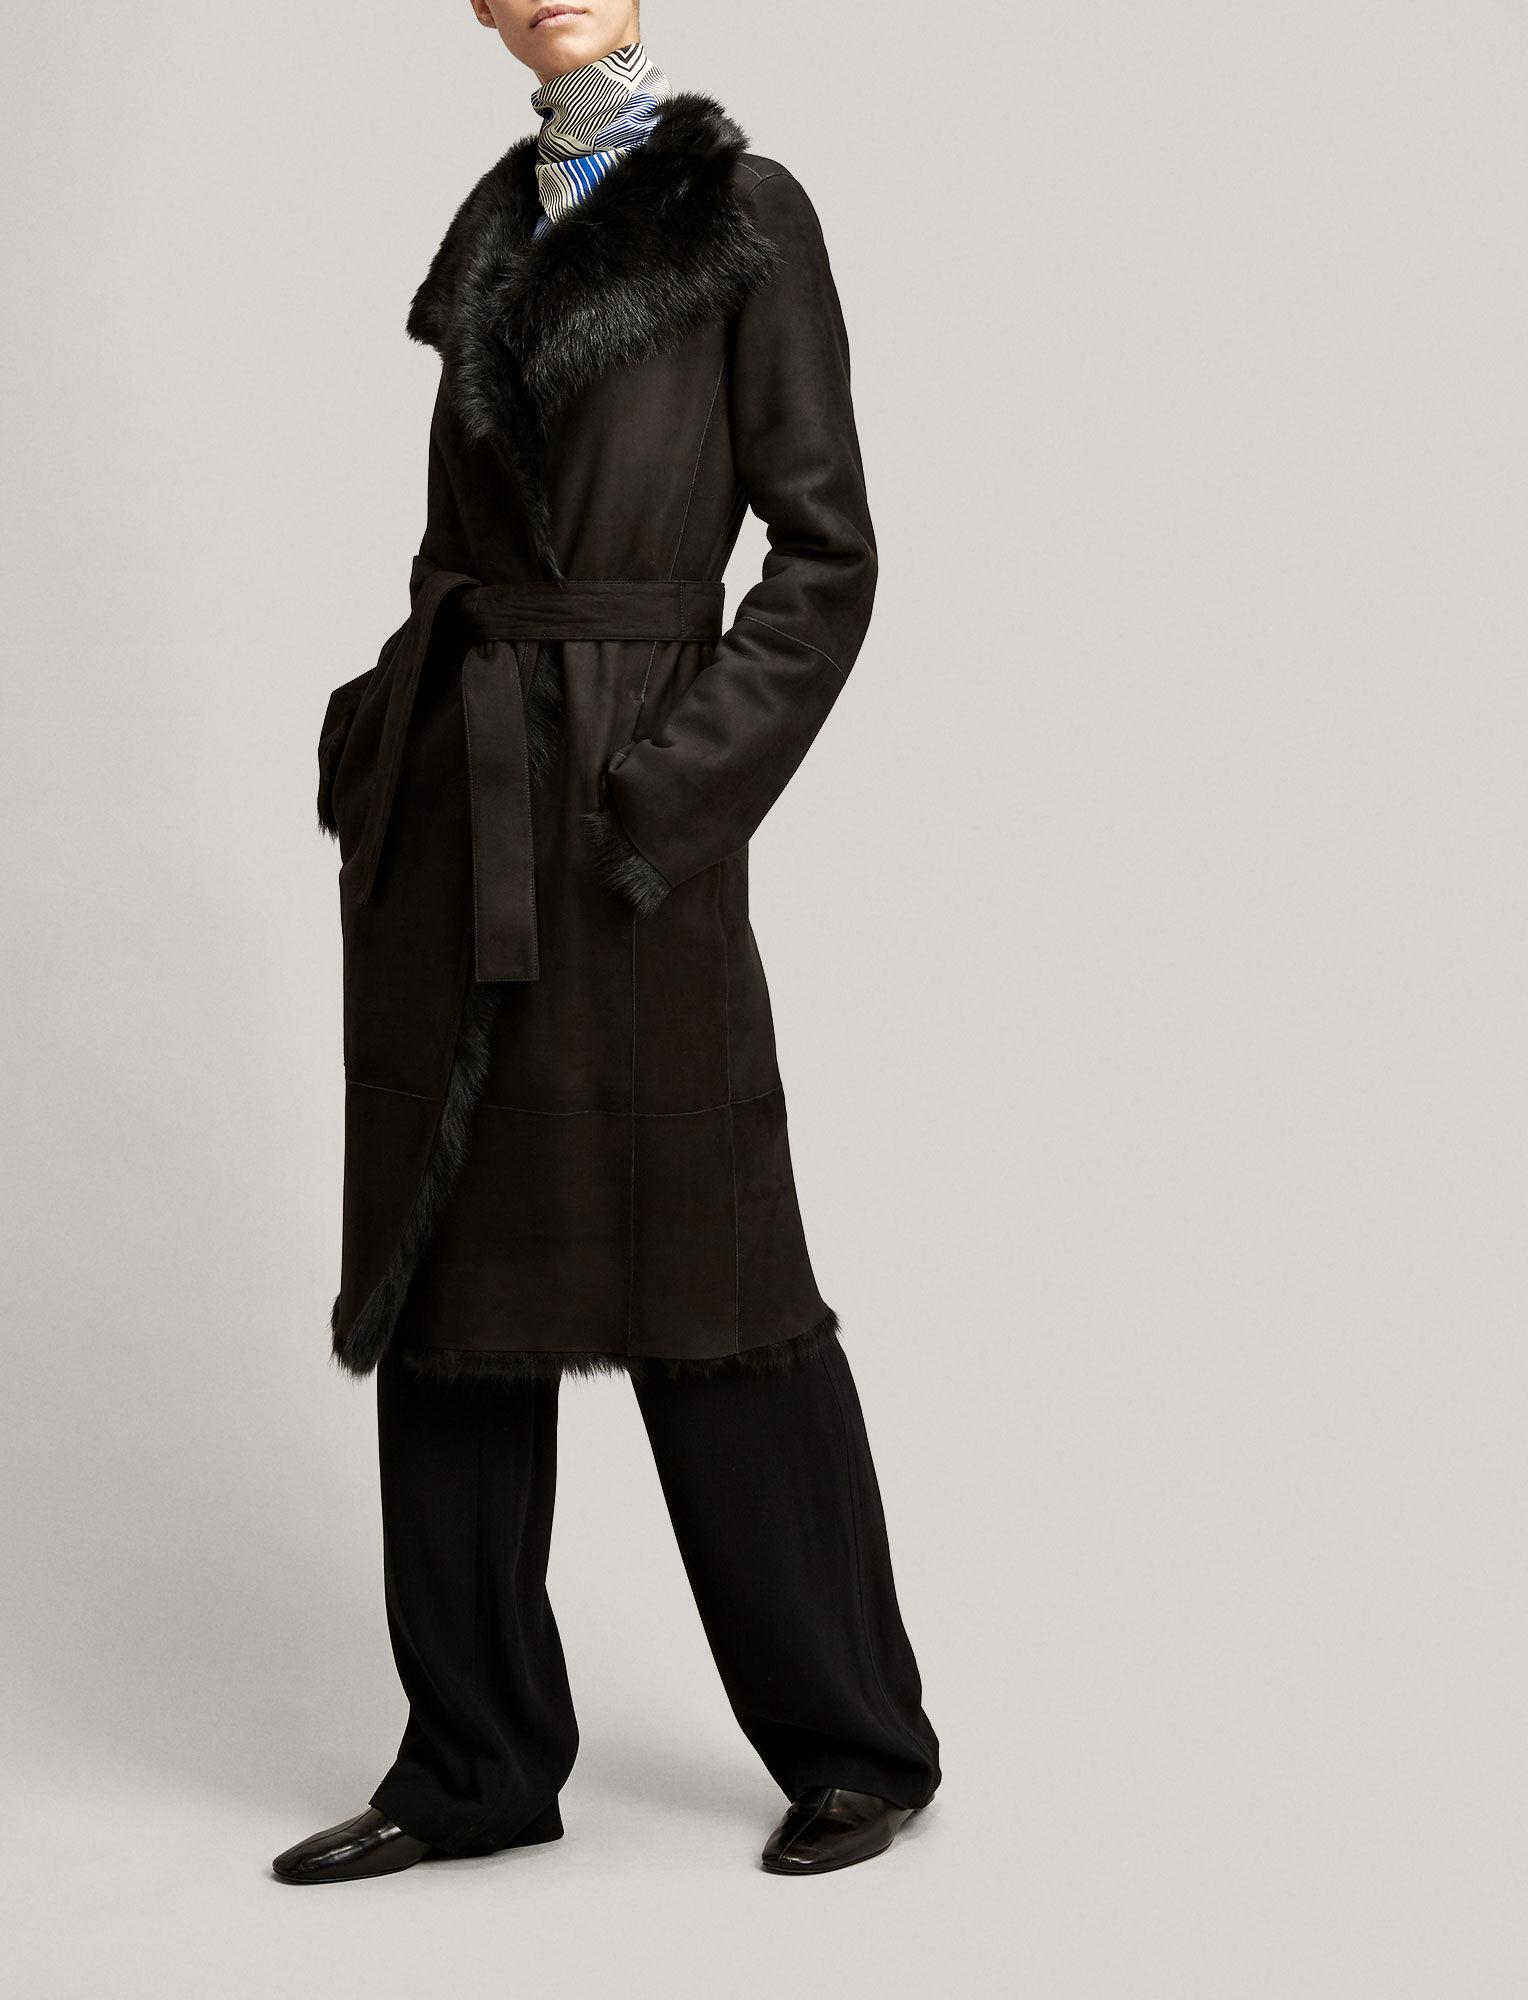 Joseph, Long Hair Toscana Lima Sheepskin, in BLACK